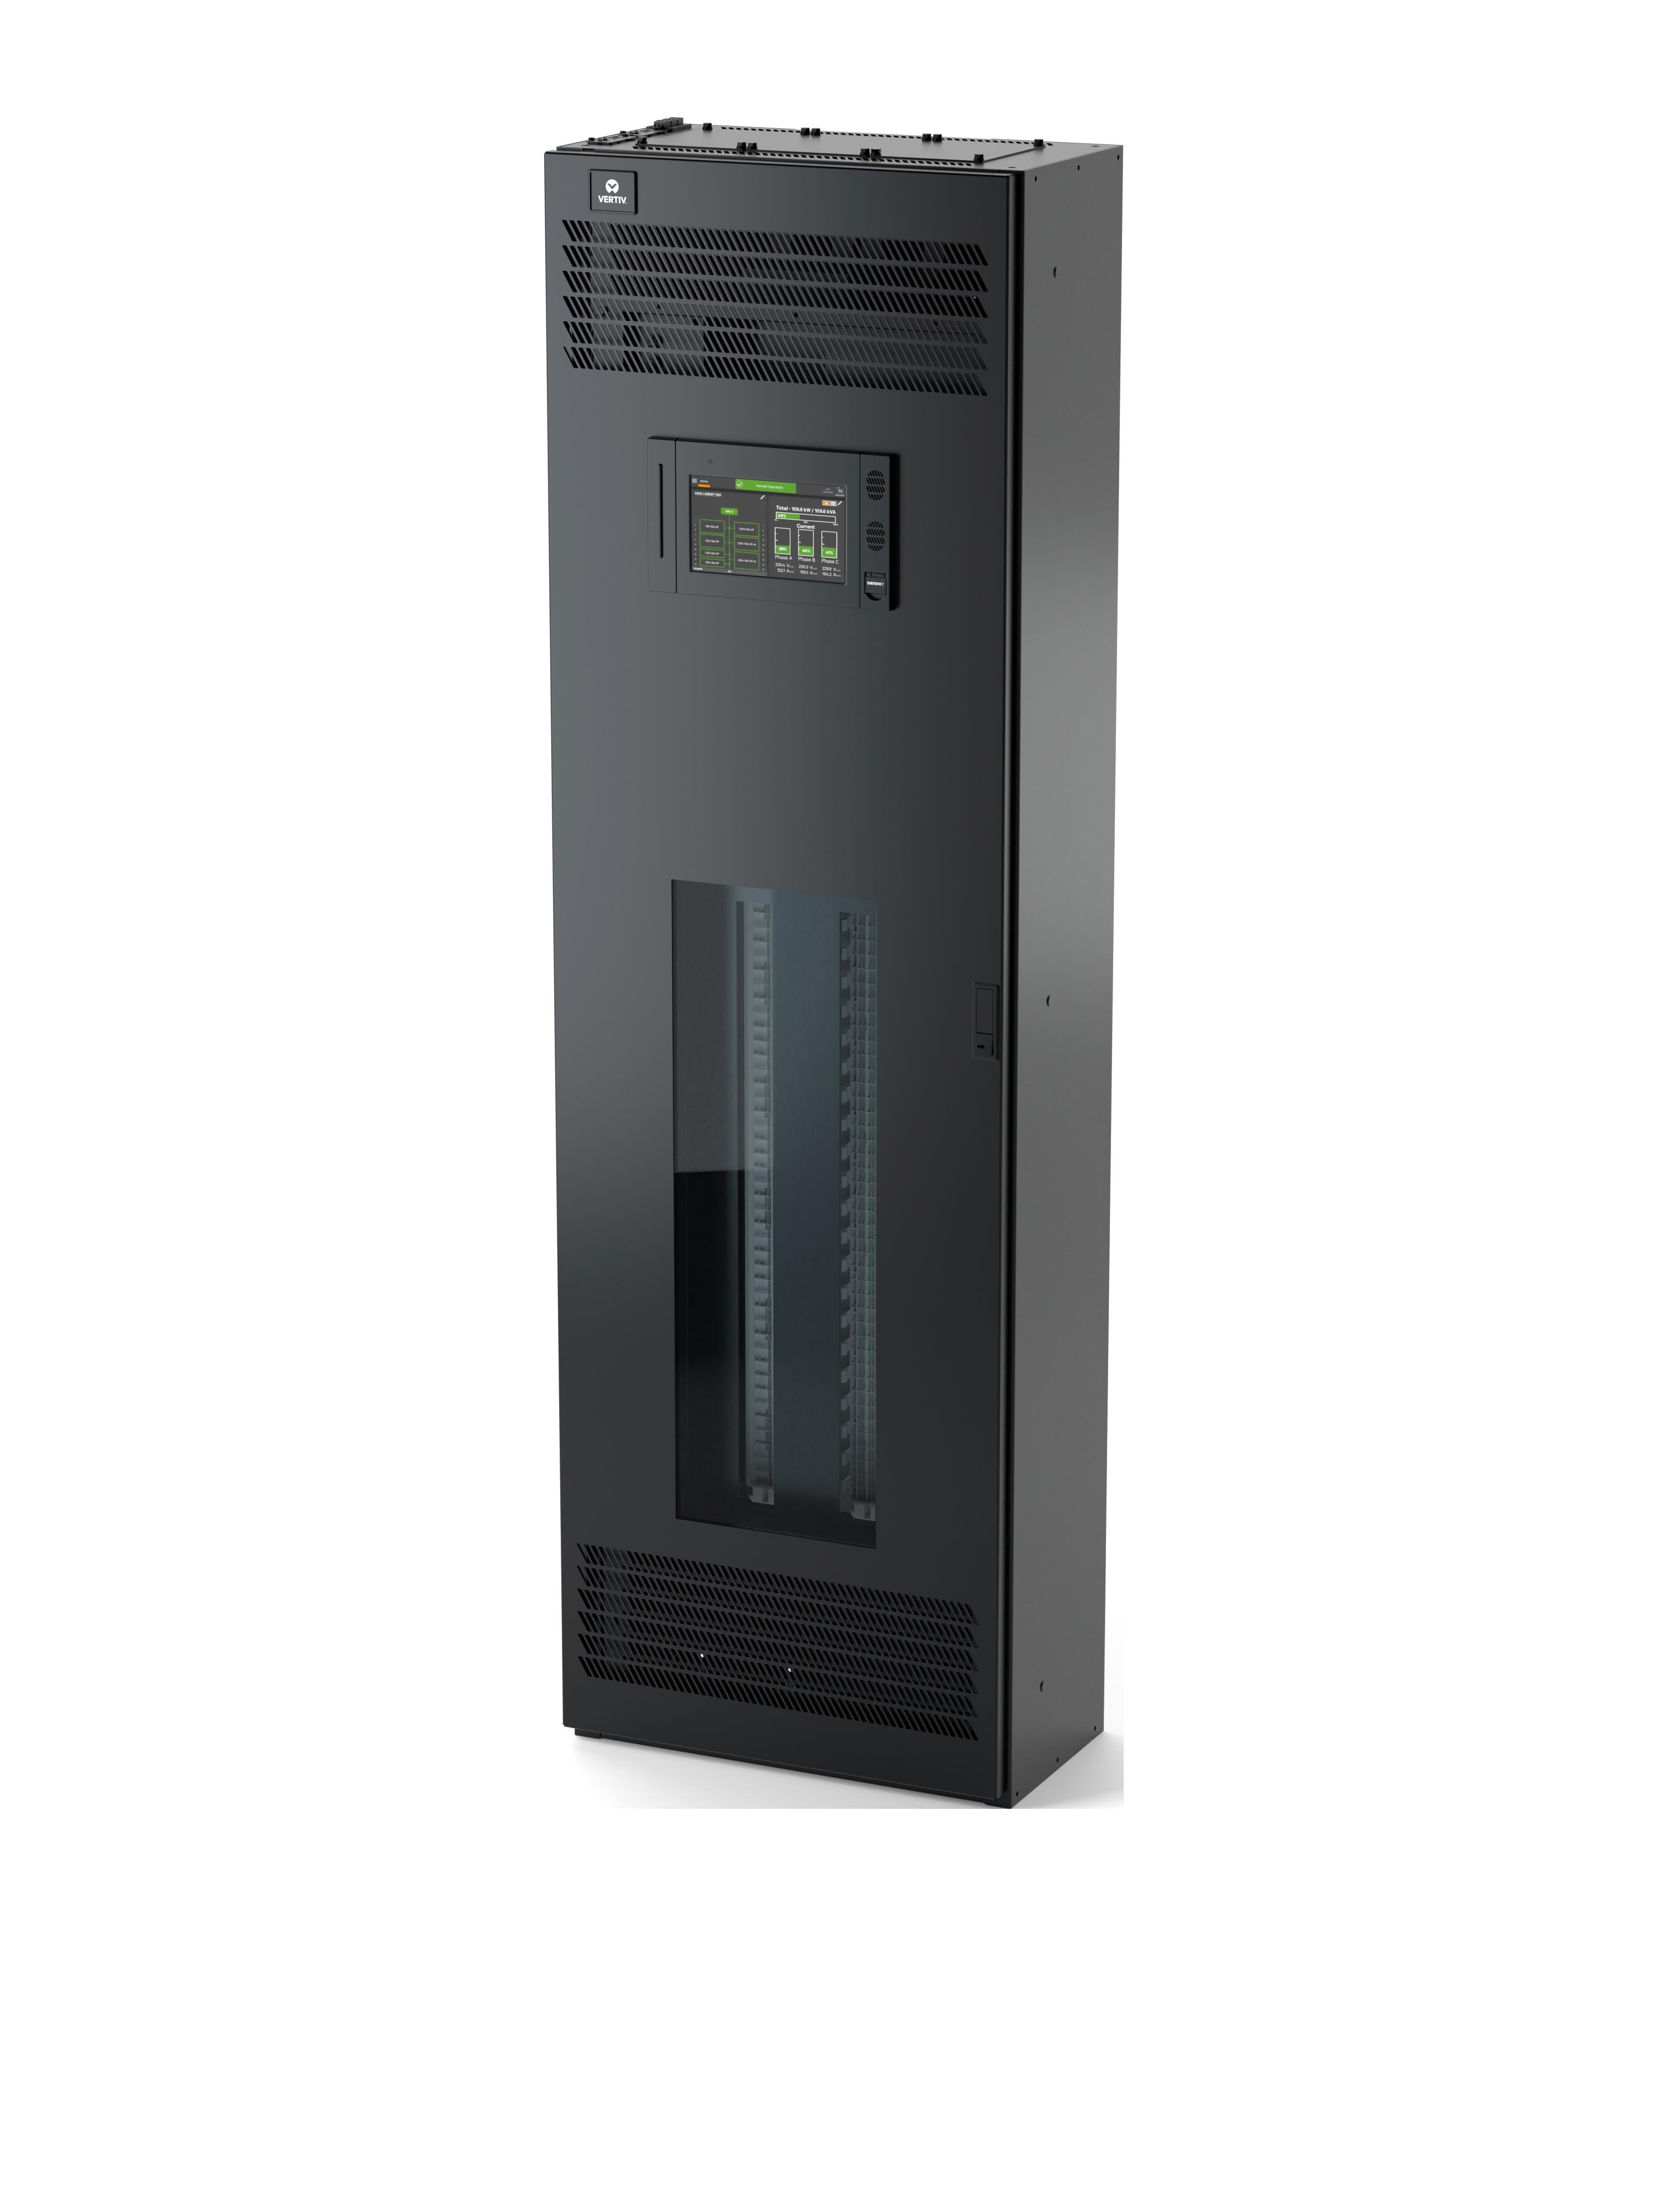 Vertiv introduce un nou tablou de distribuție electrică și un sistem de tip Busway pentru standardizarea, simplificarea și scalarea operațiunilor centrului de date